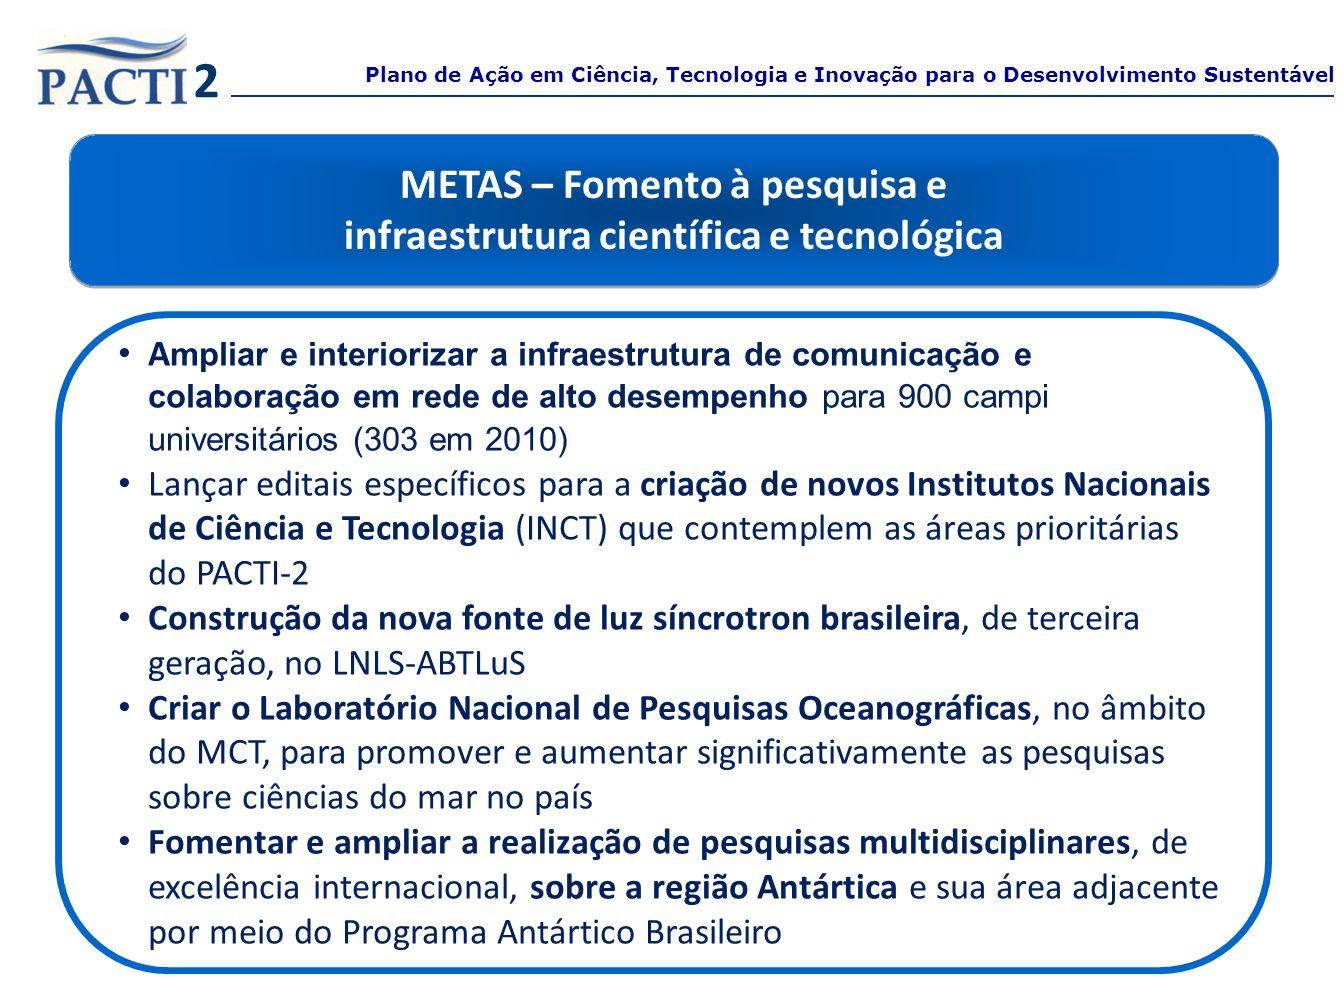 METAS – Fomento à pesquisa e infraestrutura científica e tecnológica METAS – Fomento à pesquisa e infraestrutura científica e tecnológica A mpliar e i